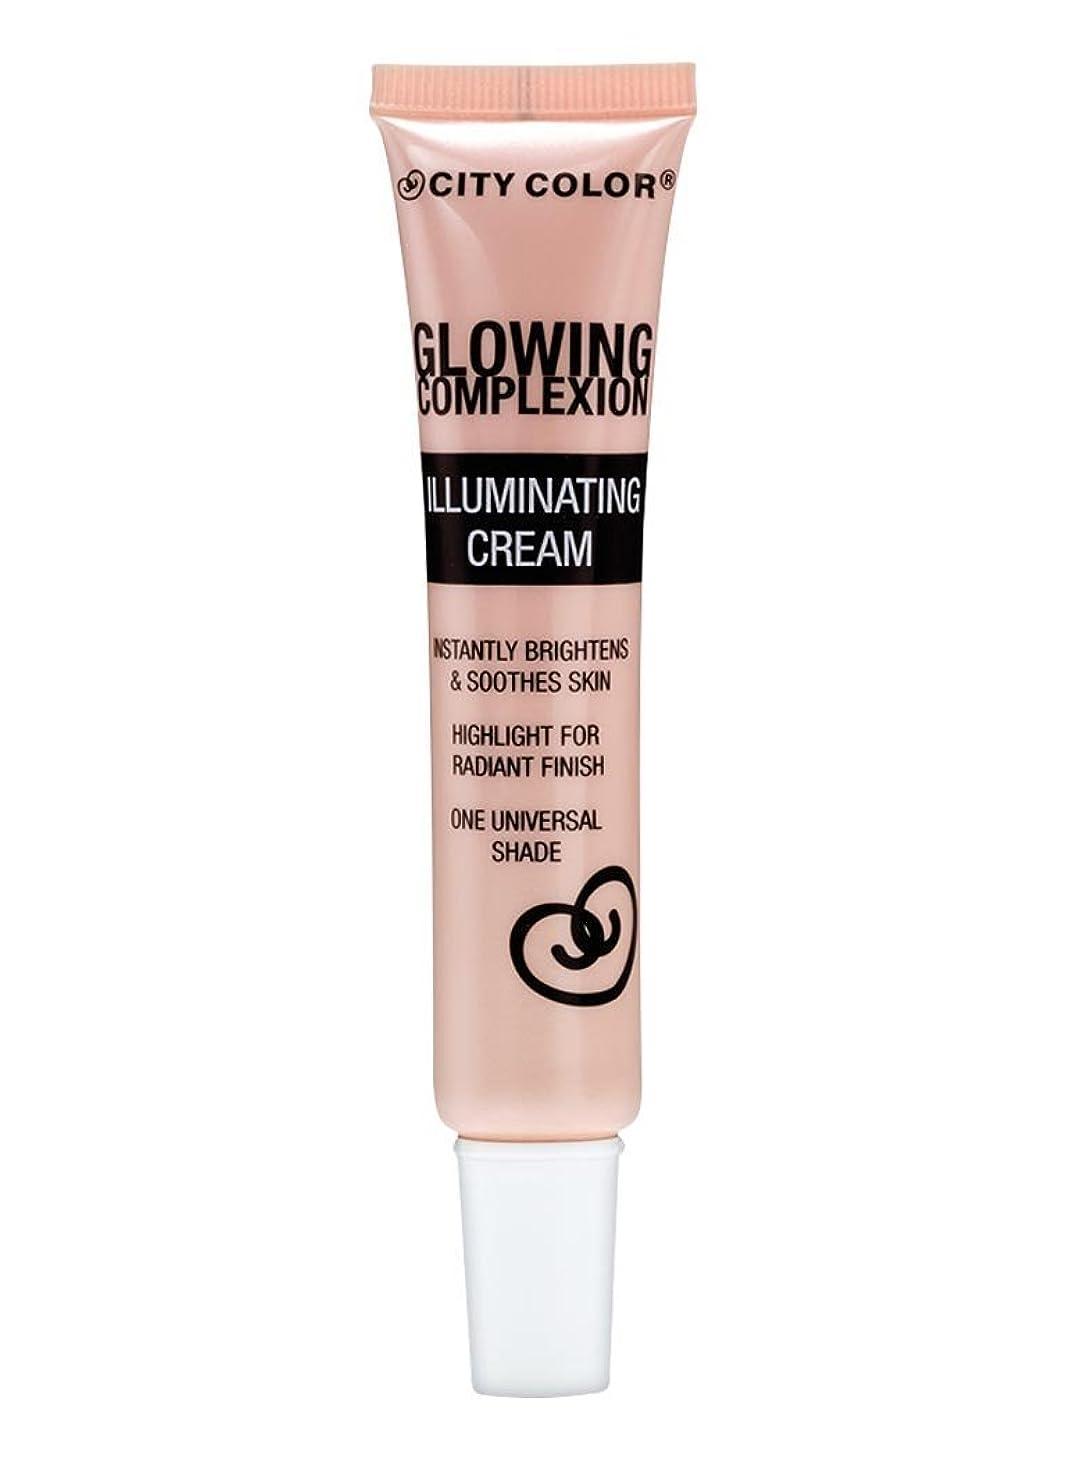 ドルパキスタン人事故CITY COLOR Glowing Complexion Illuminating Cream - Net Wt. 1.015 fl. oz. / 30 mL (並行輸入品)